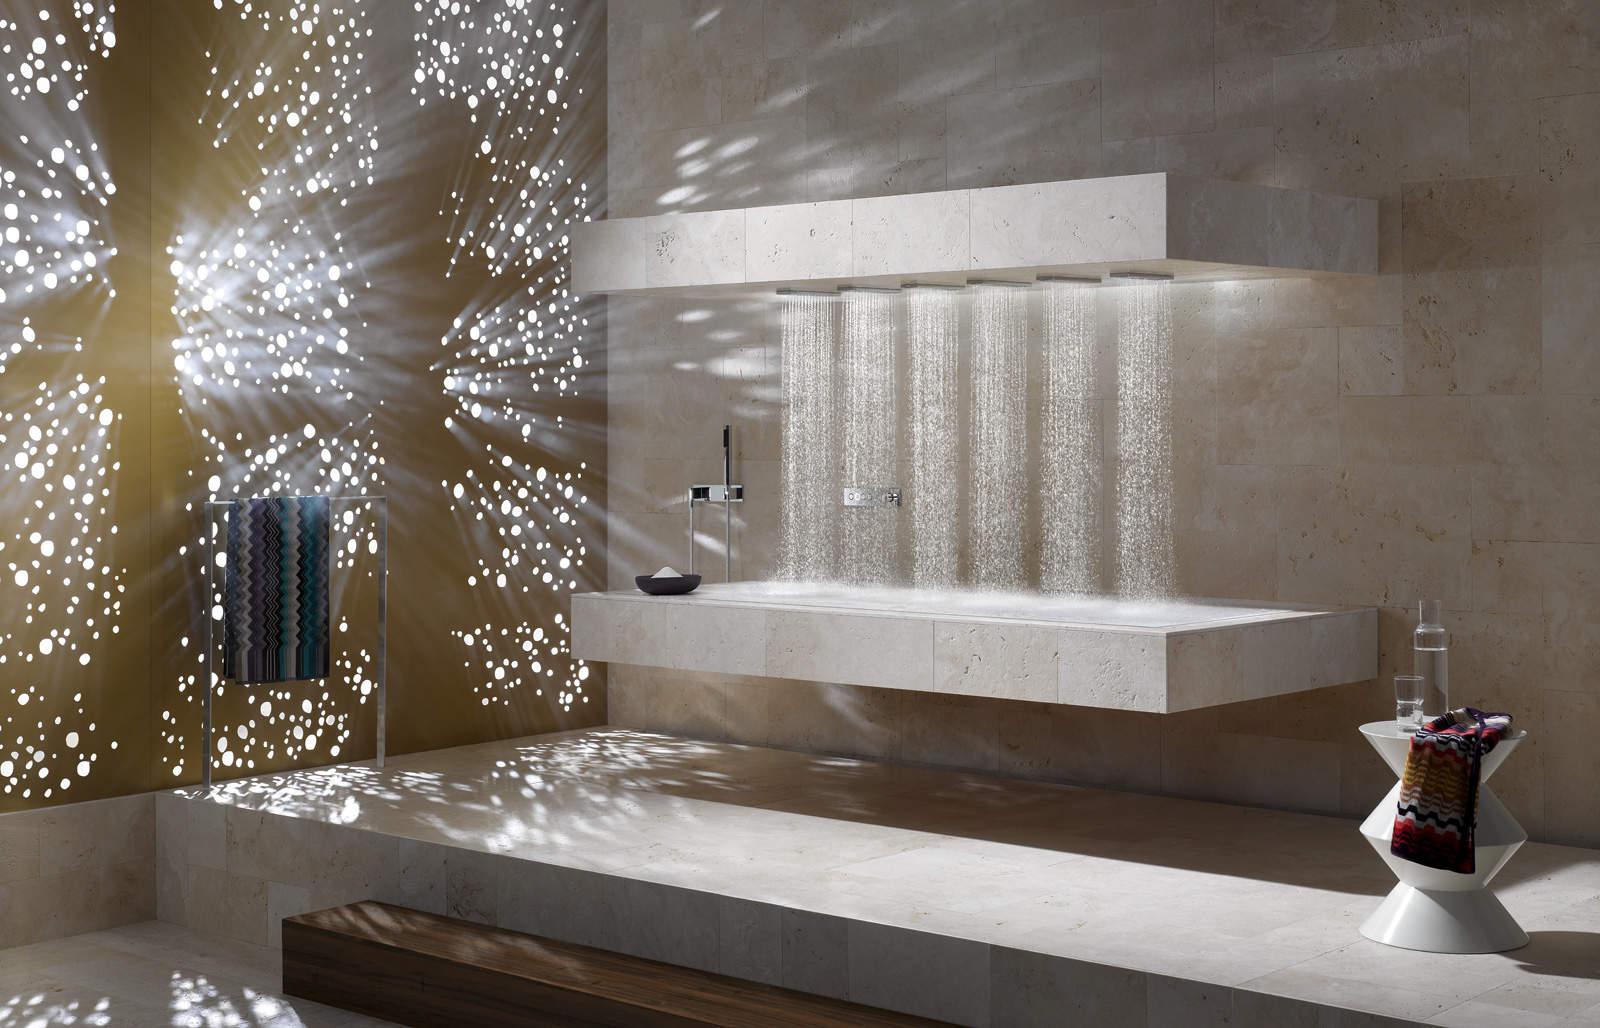 la douche horizontale par dornbracht. Black Bedroom Furniture Sets. Home Design Ideas